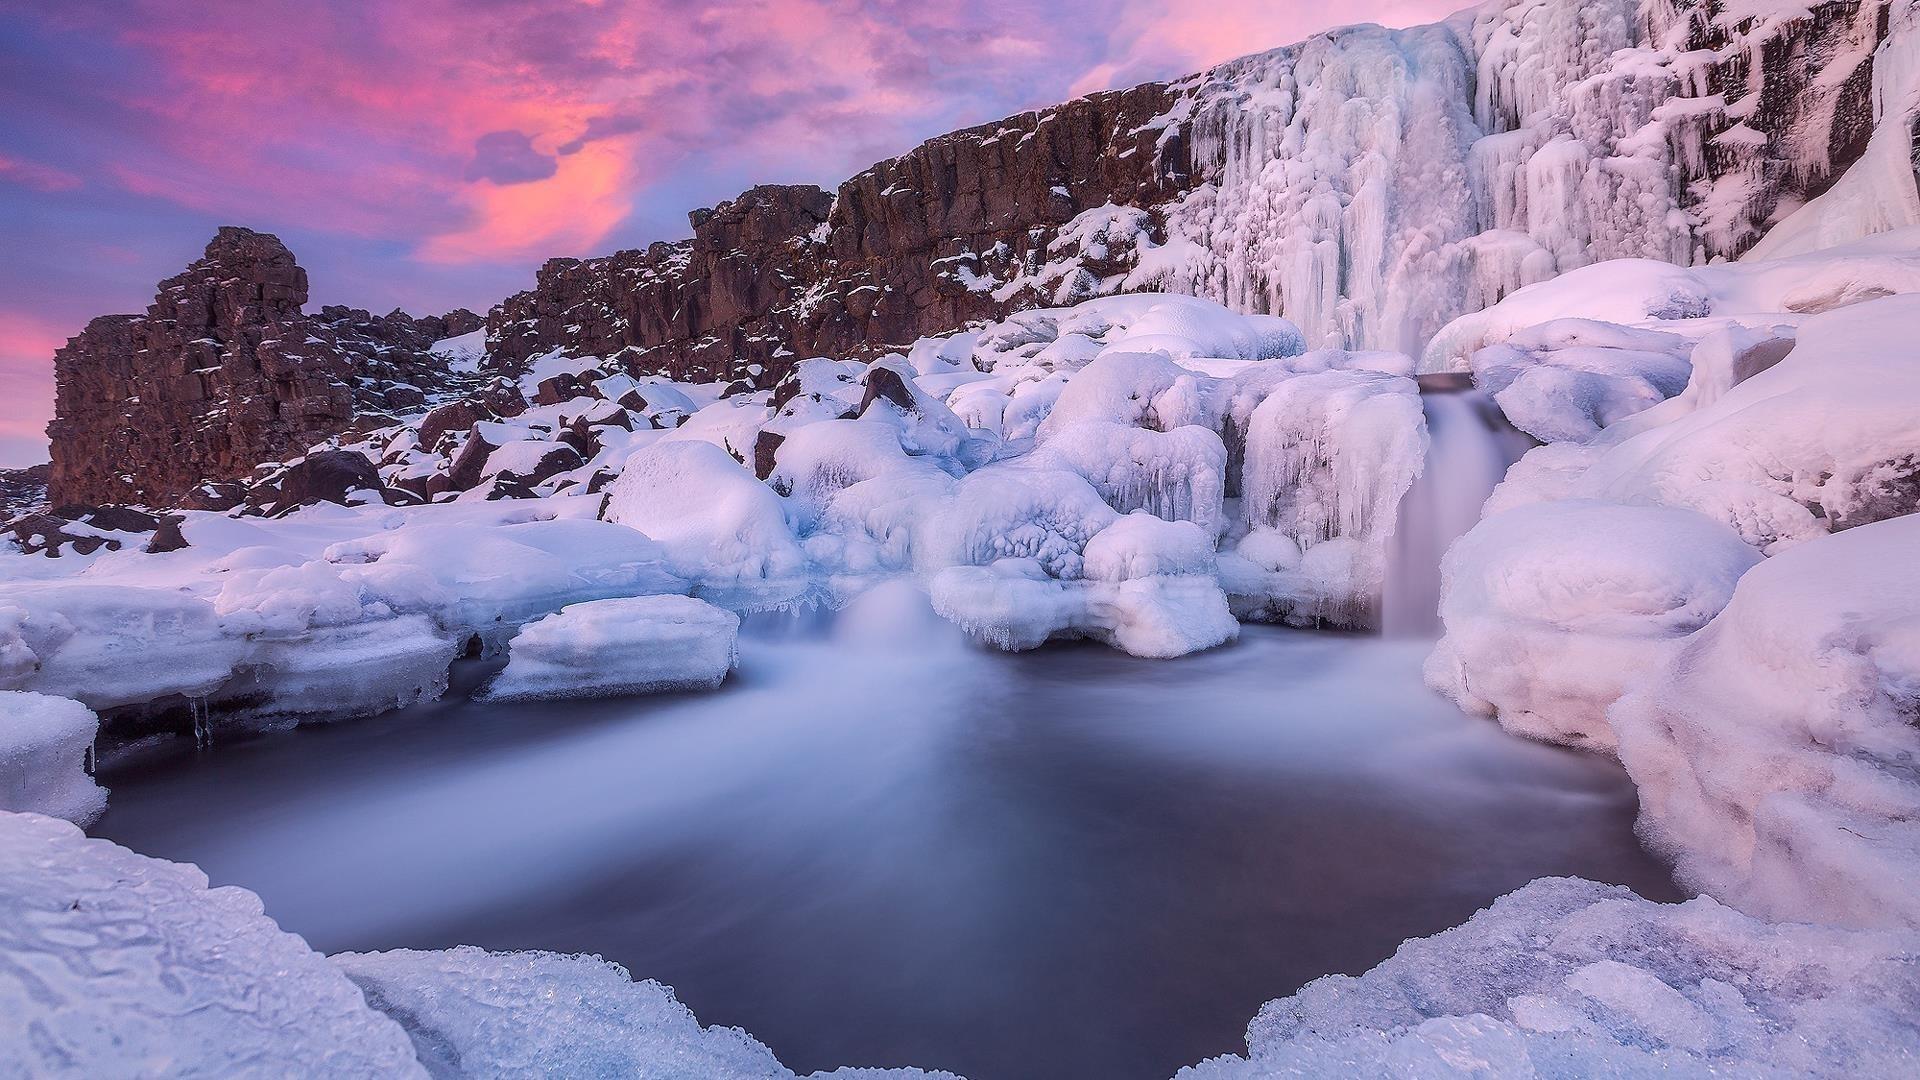 Водопад река Исландия с национальным парком рок во время заката зимой обои скачать